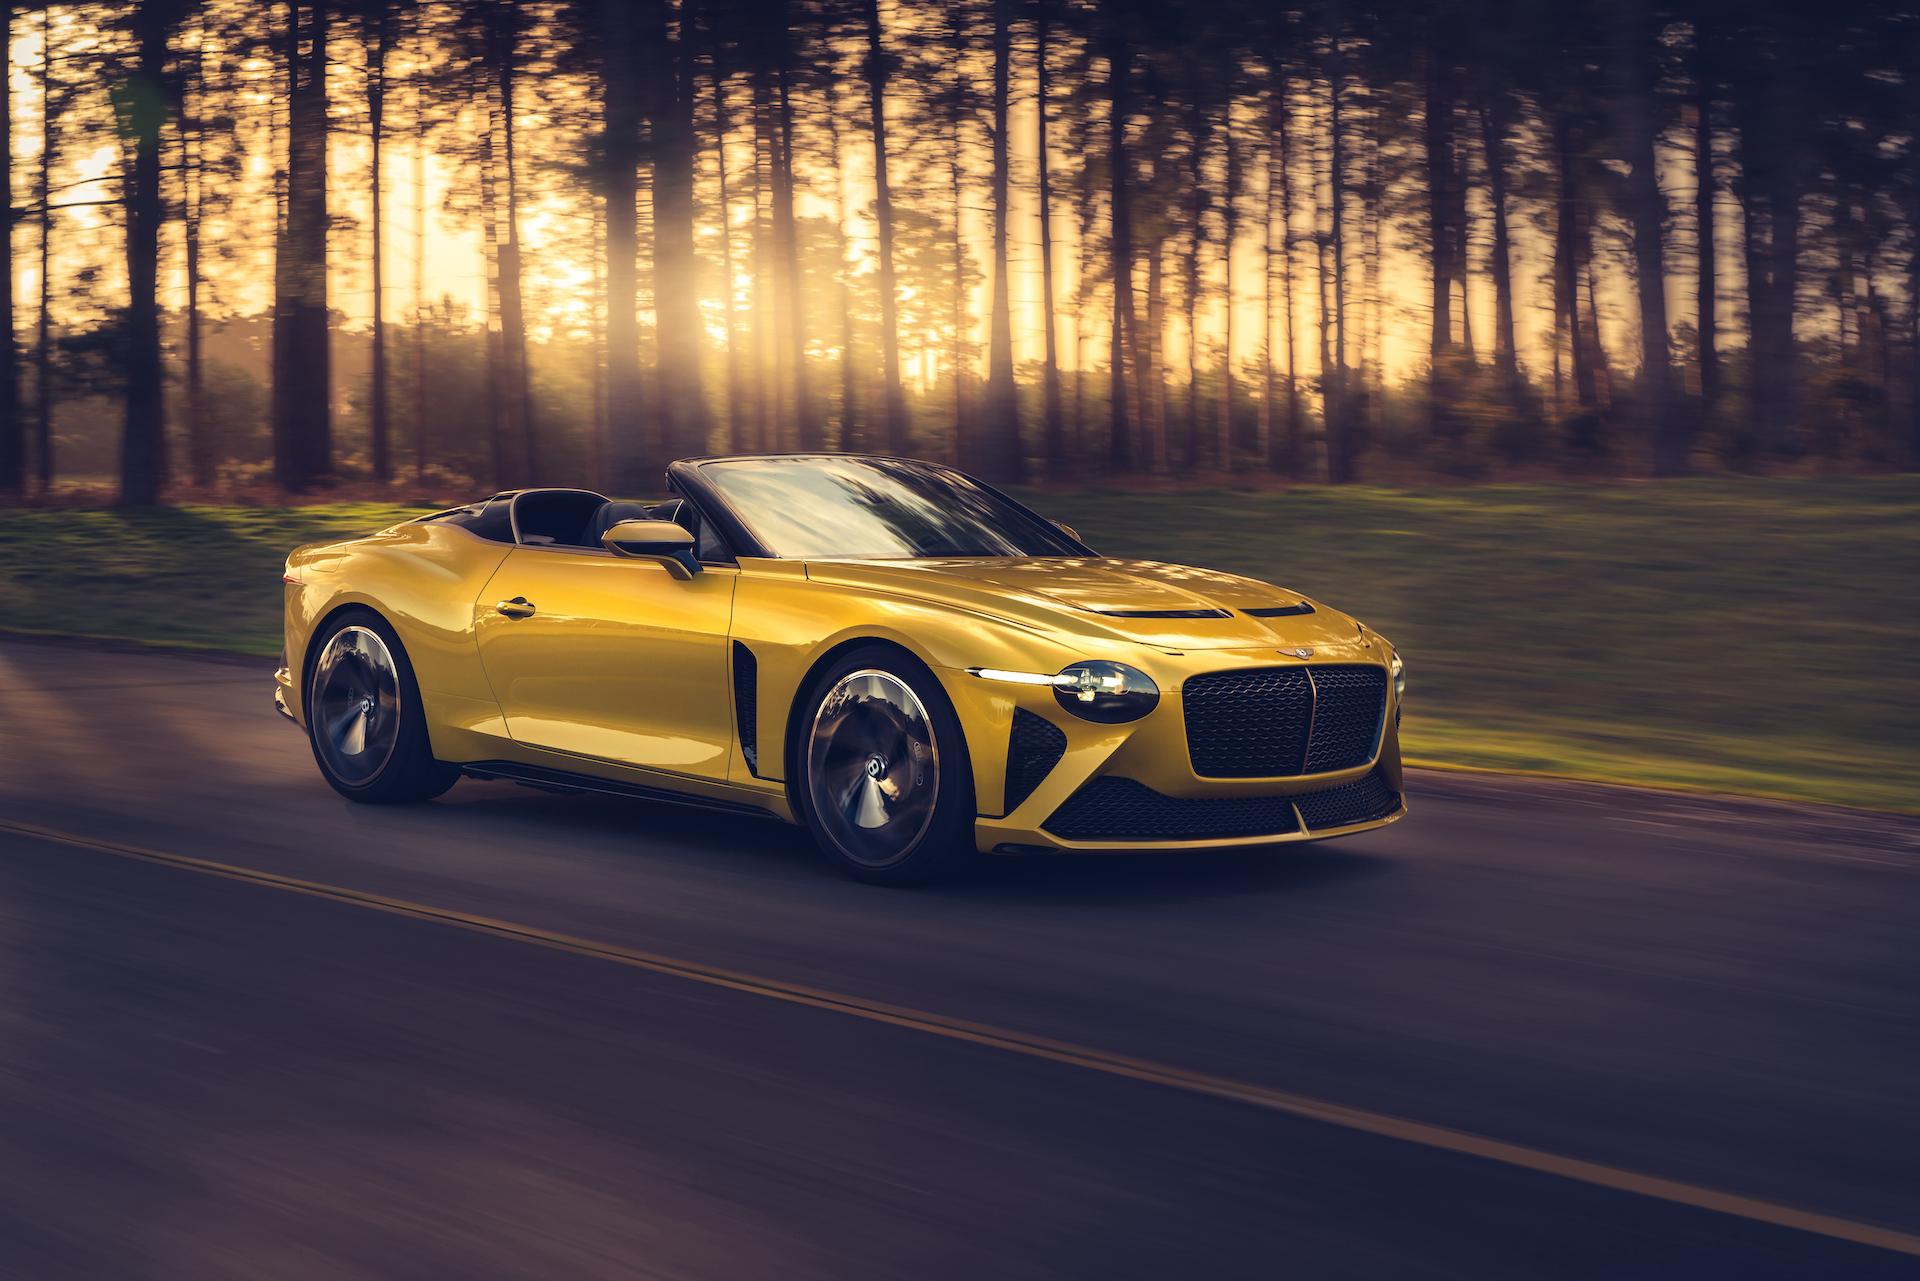 Offener Zweisitzer-GT mit 659 PS: Der neue Bentley Bacalar 1